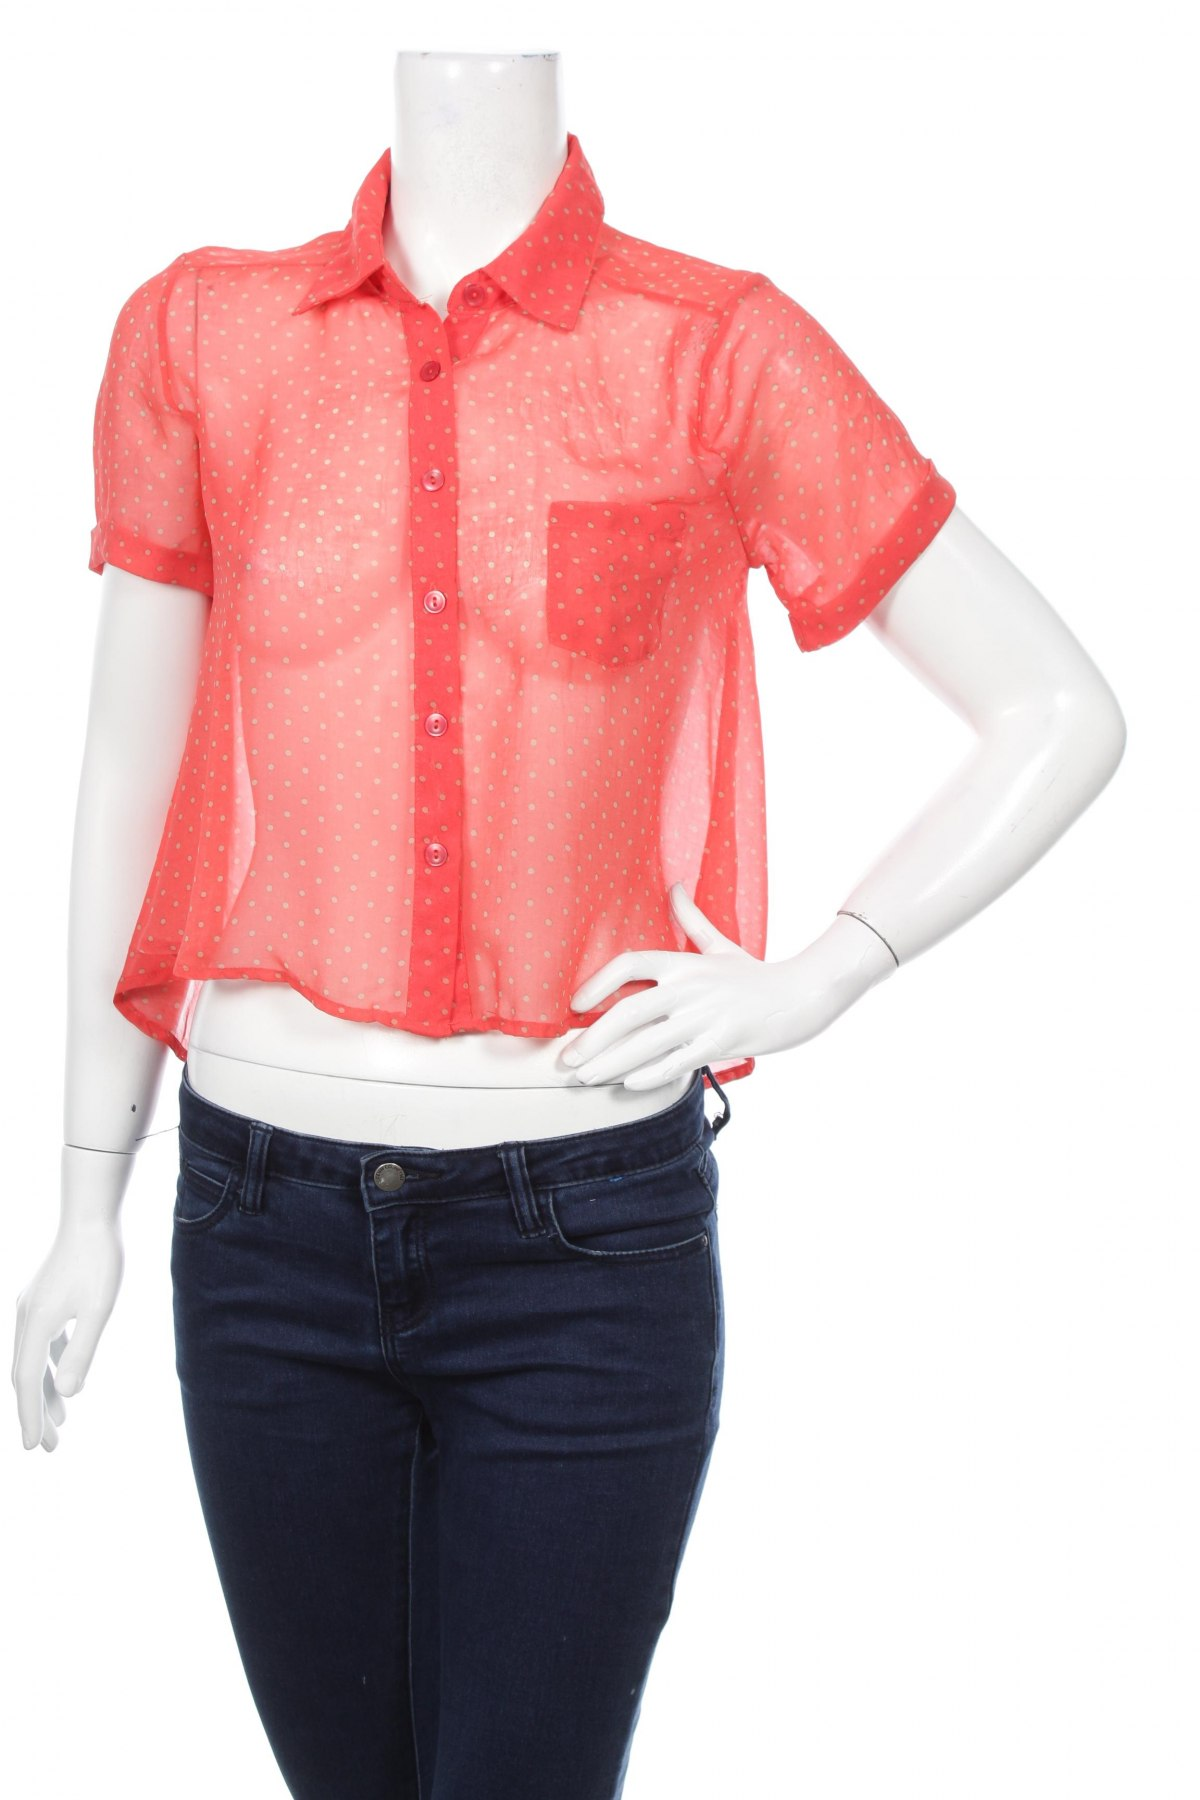 Γυναικείο πουκάμισο Seductions